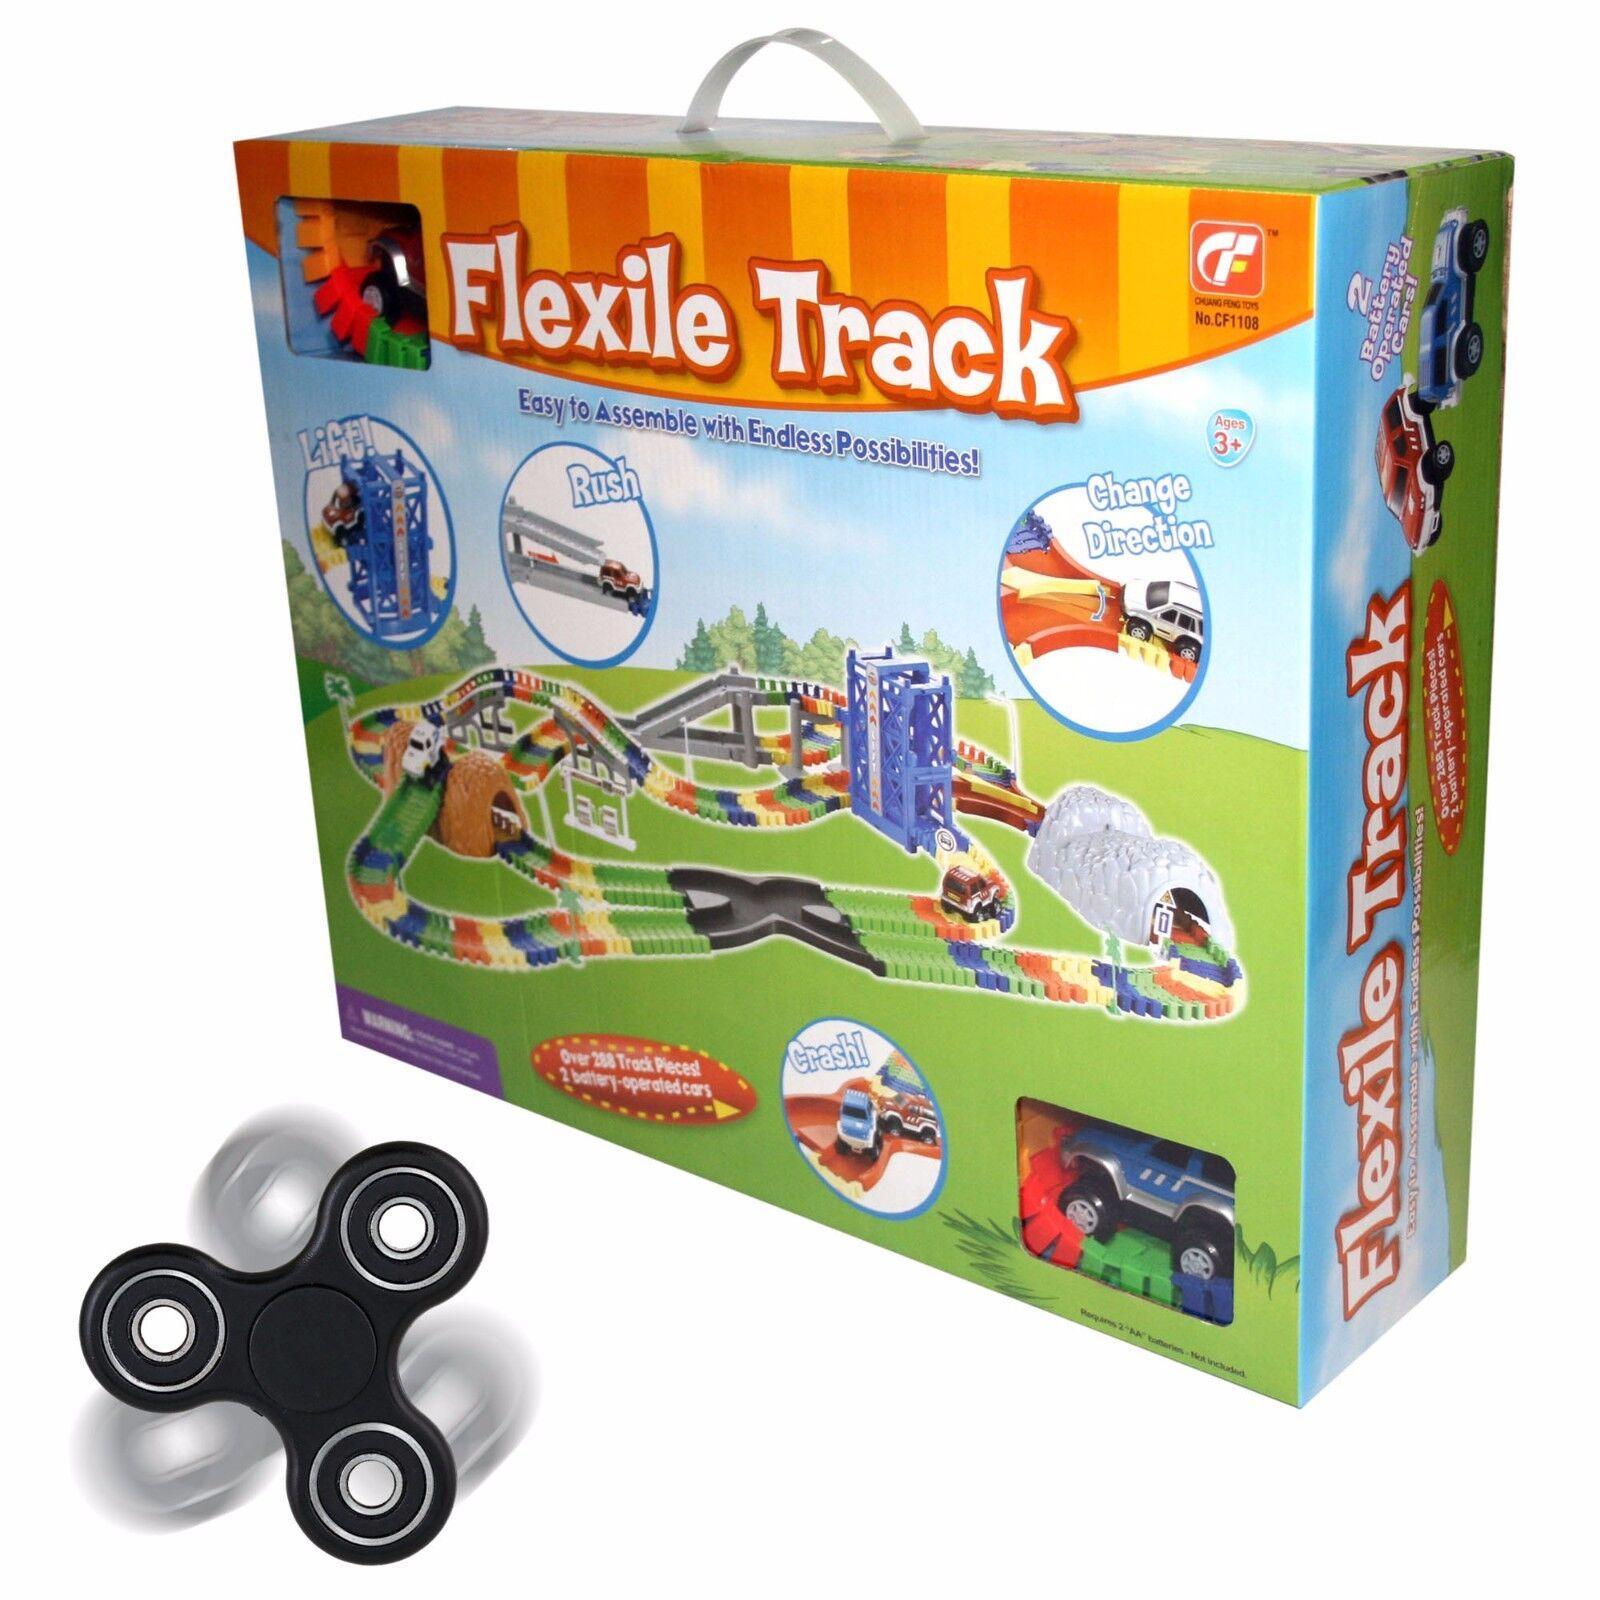 Créer une route flexile voiture et  piste plus de 288 Pièces Libre Spinner fidger Toy  haute qualité générale